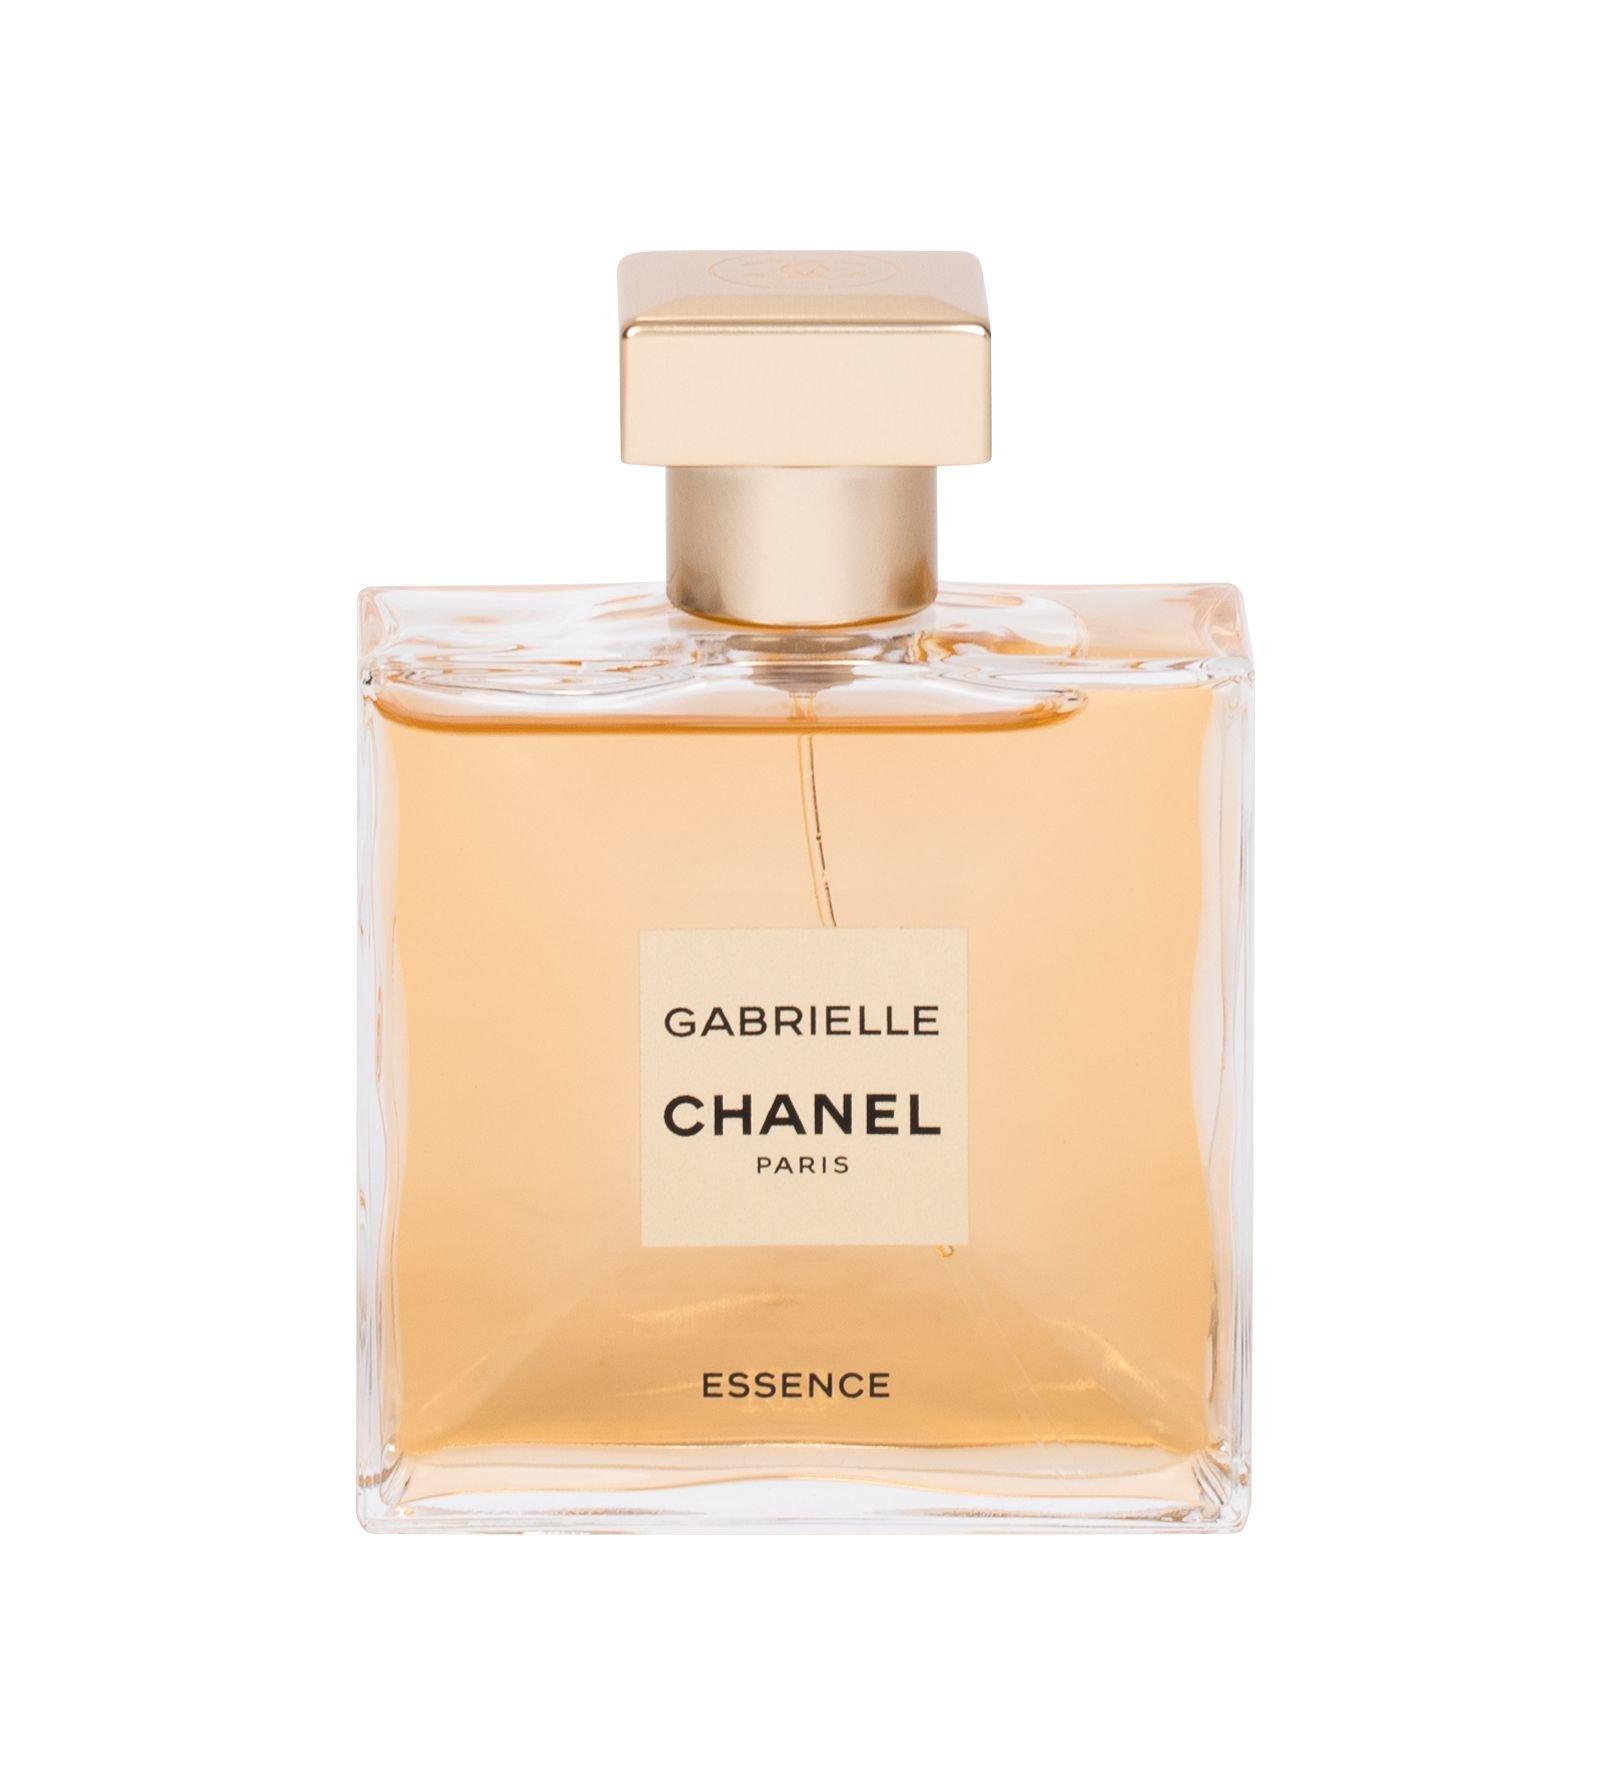 Chanel Gabrielle Eau de Parfum 50ml  Essence